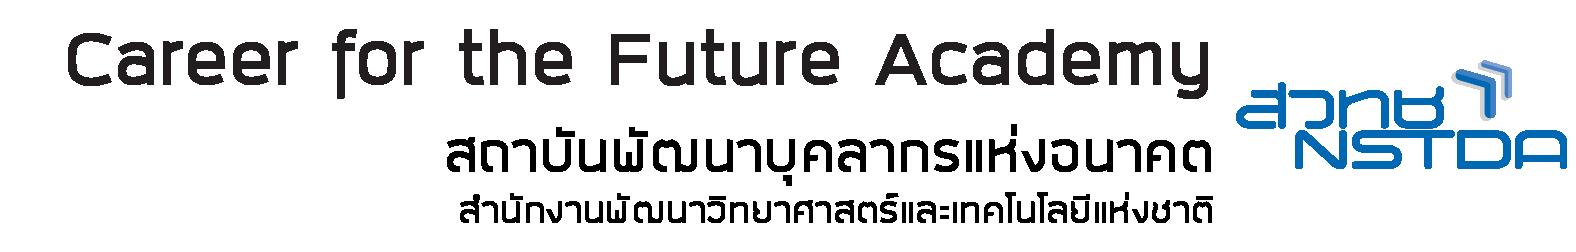 สถาบันพัฒนาบุคลากรแห่งอนาคต (Career for the Future Academy)